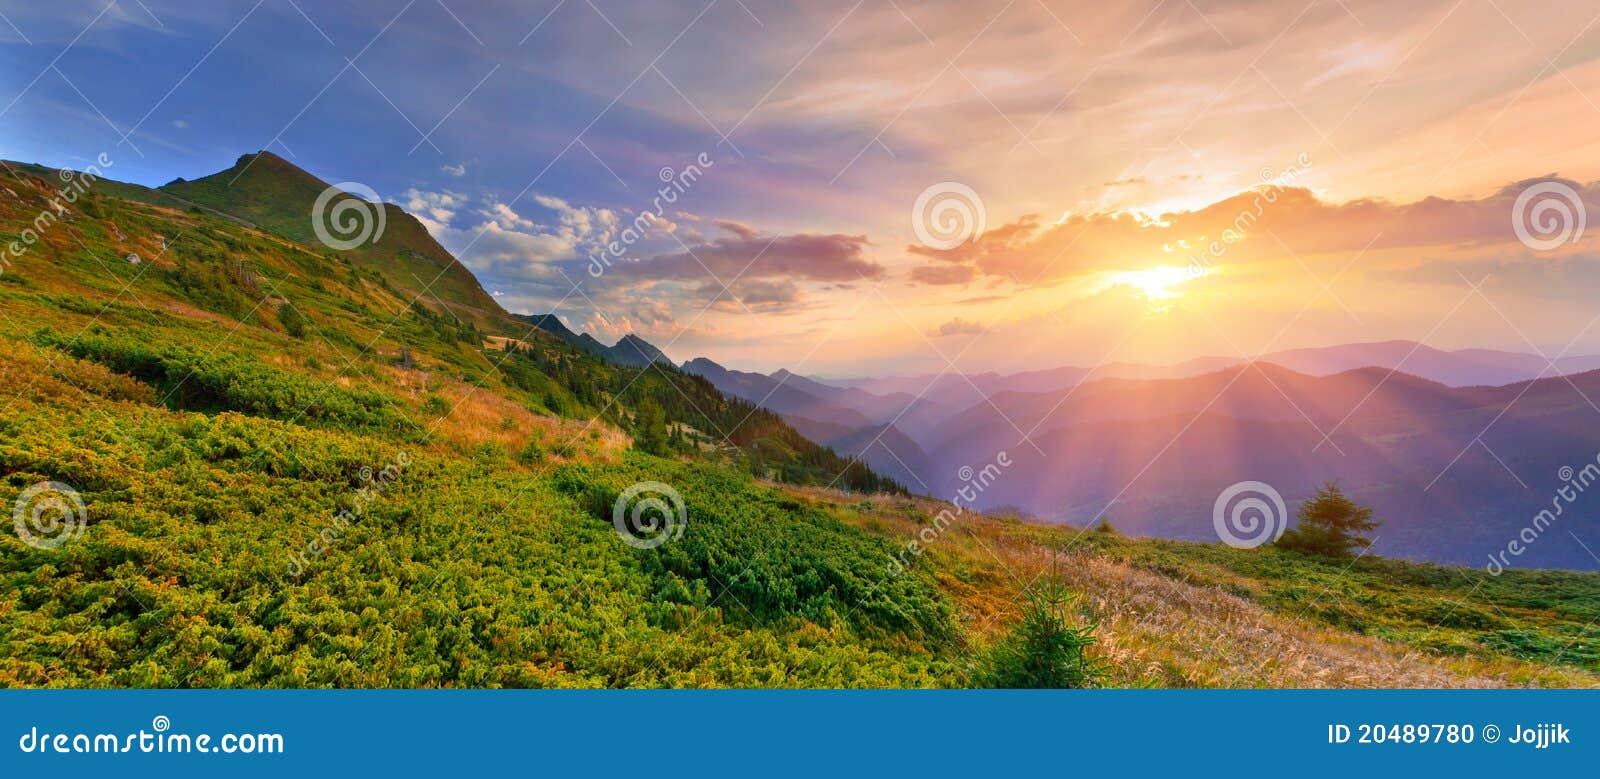 Paisaje del verano en las montañas